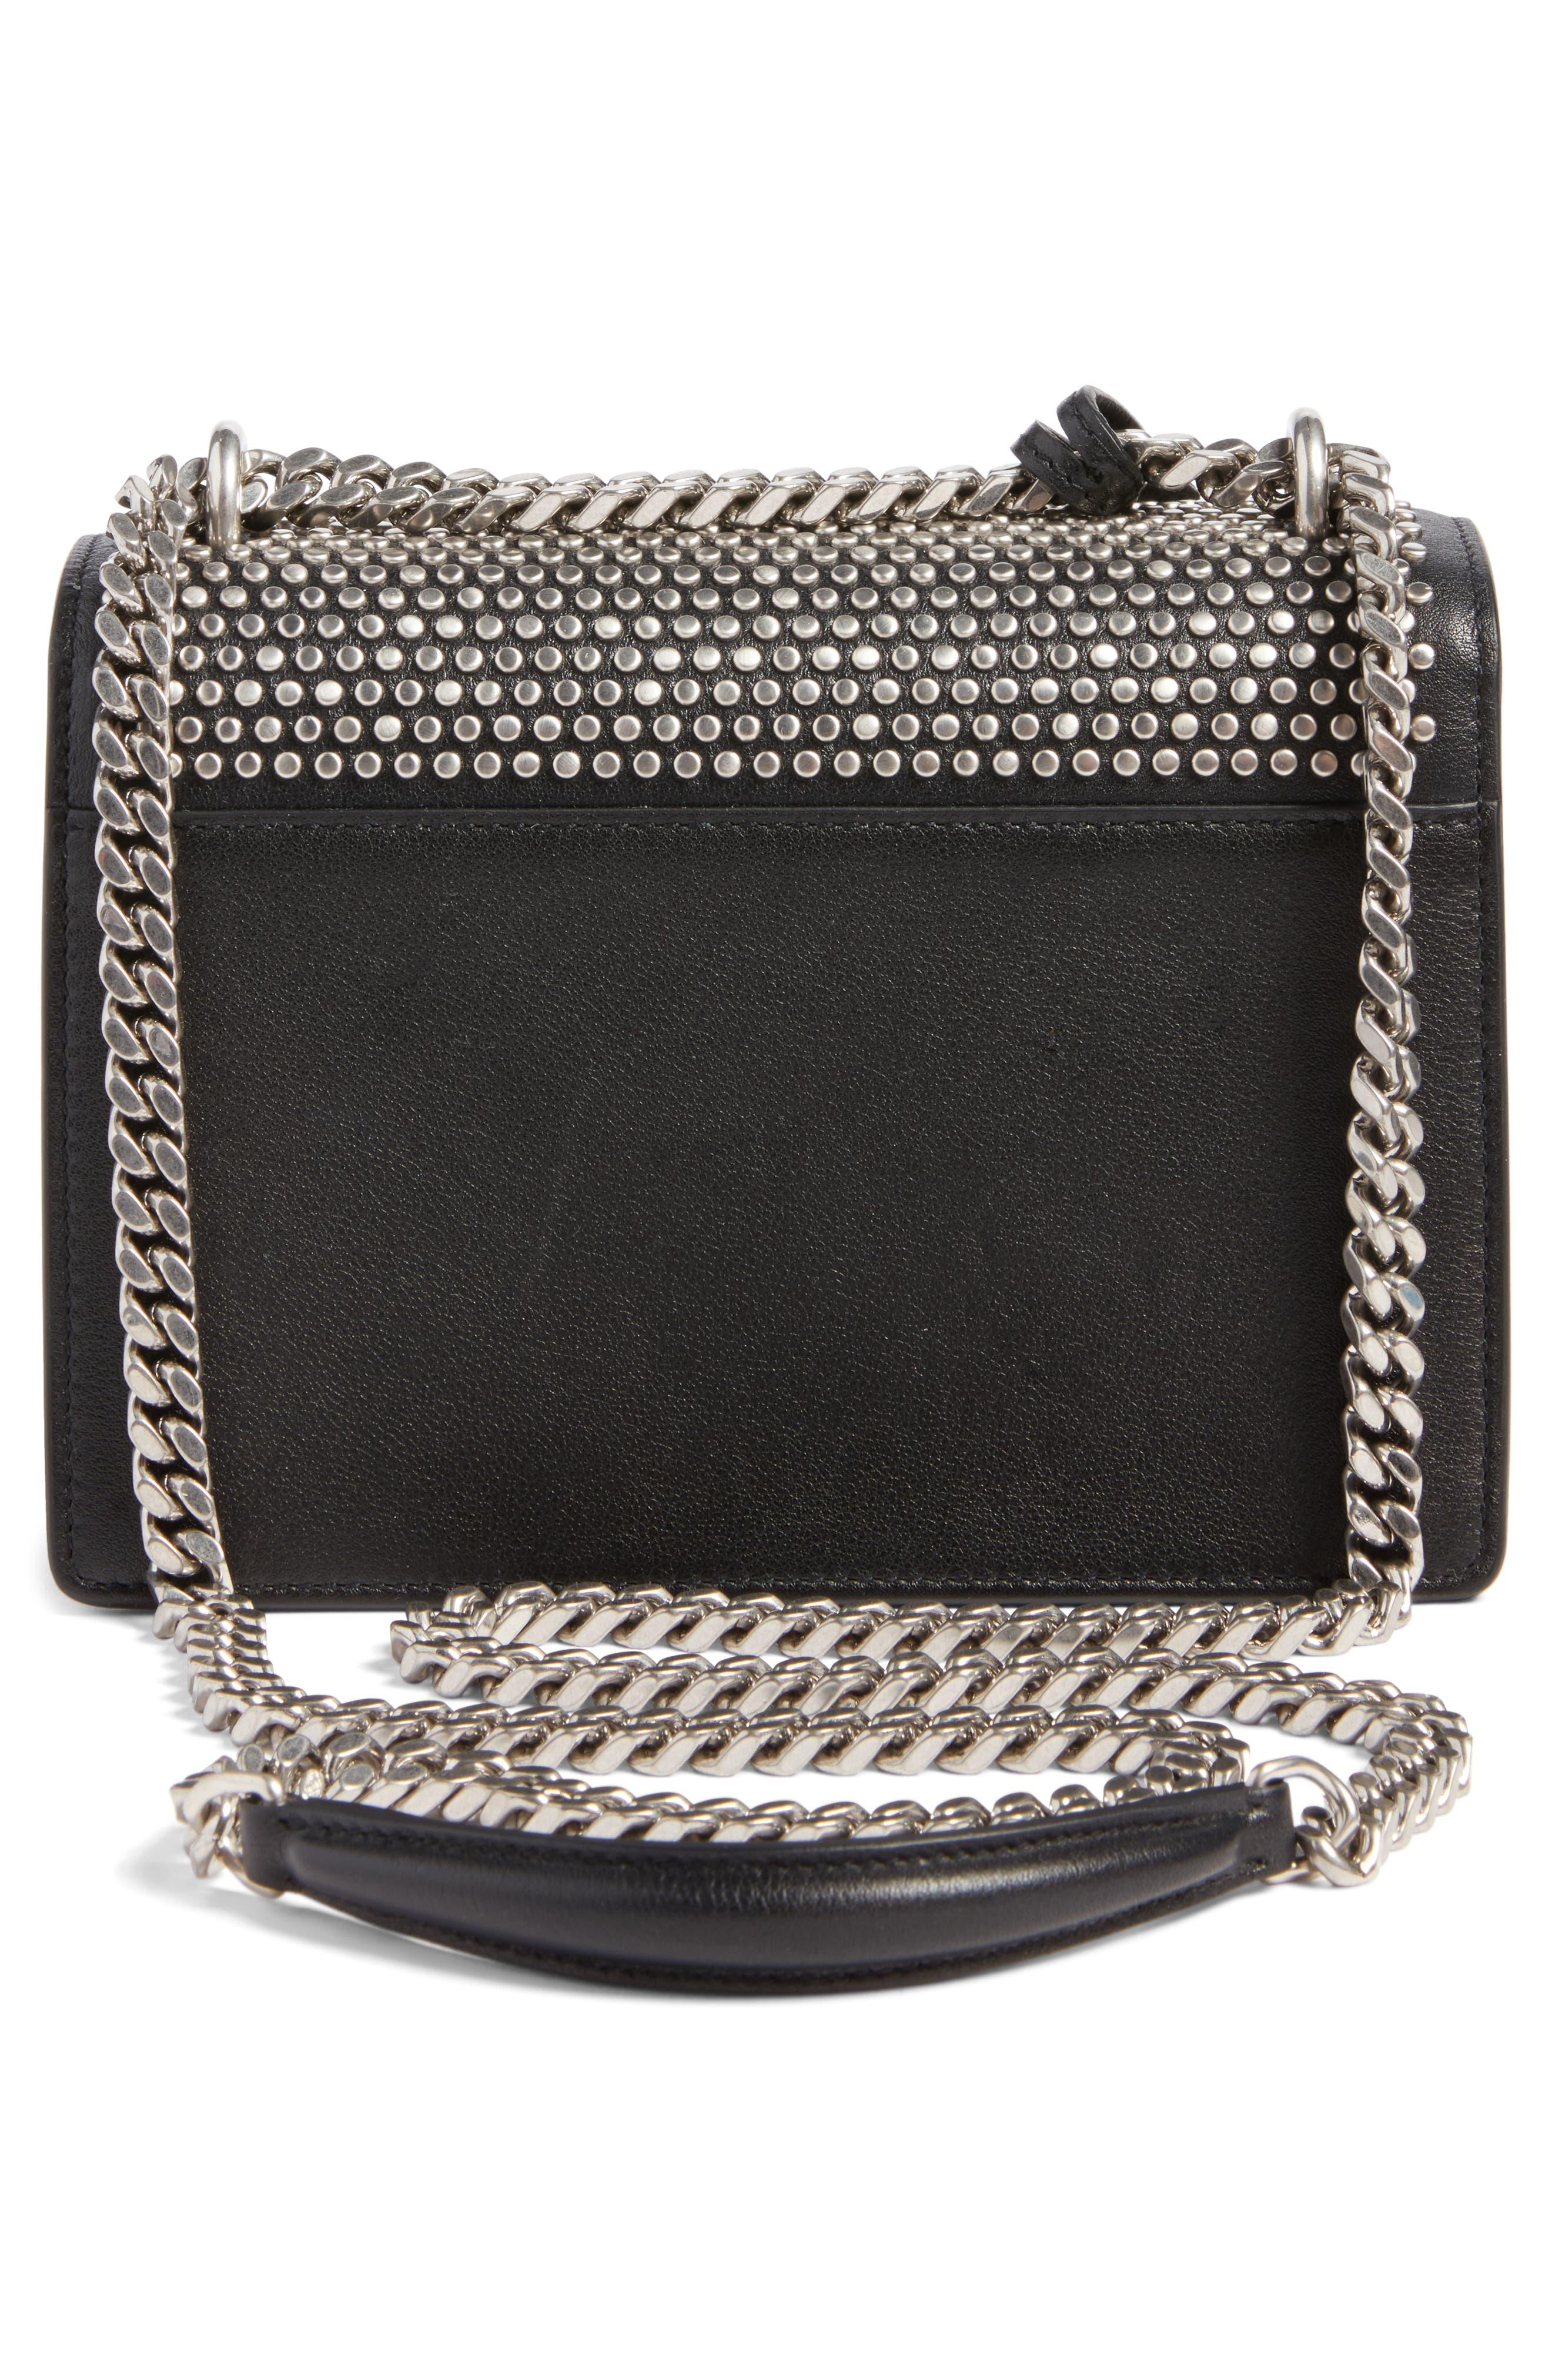 Alternate Image 2  - Saint Laurent Small Sunset Studded Leather Shoulder Bag